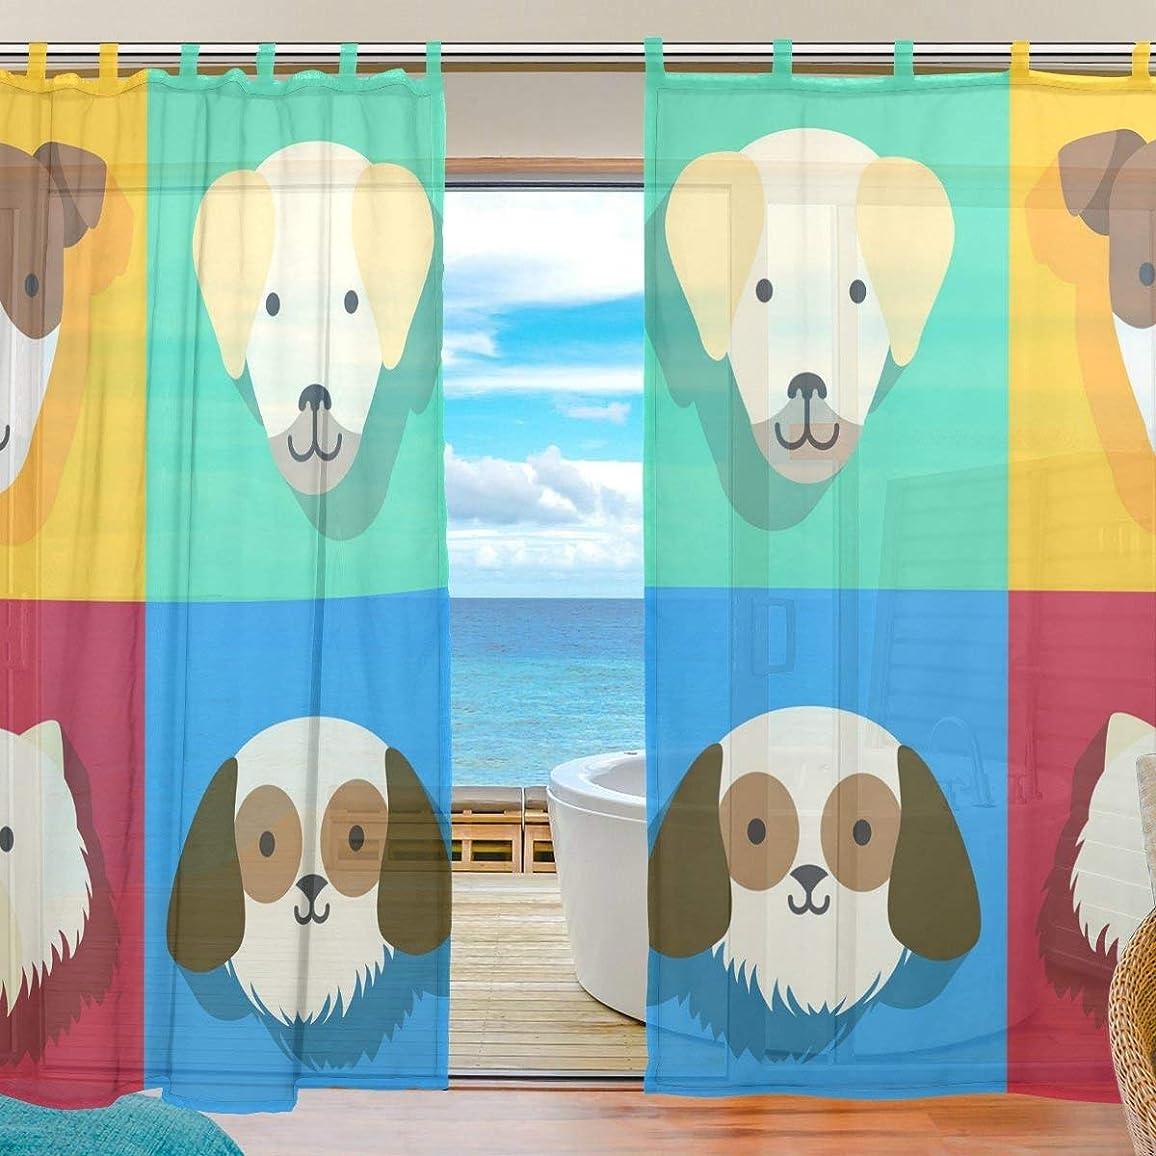 記憶レビュアー不承認ZOMOY(ユサキ おしゃれ 薄手 柔らかい シェードカーテン紗 ドアカーテン,おしゃれ かわいい 漫画 犬,装飾 窓 部屋 玄関 ベッドルーム 客間用 遮光 カーテン (幅:140cm x丈:210cmx2枚組)